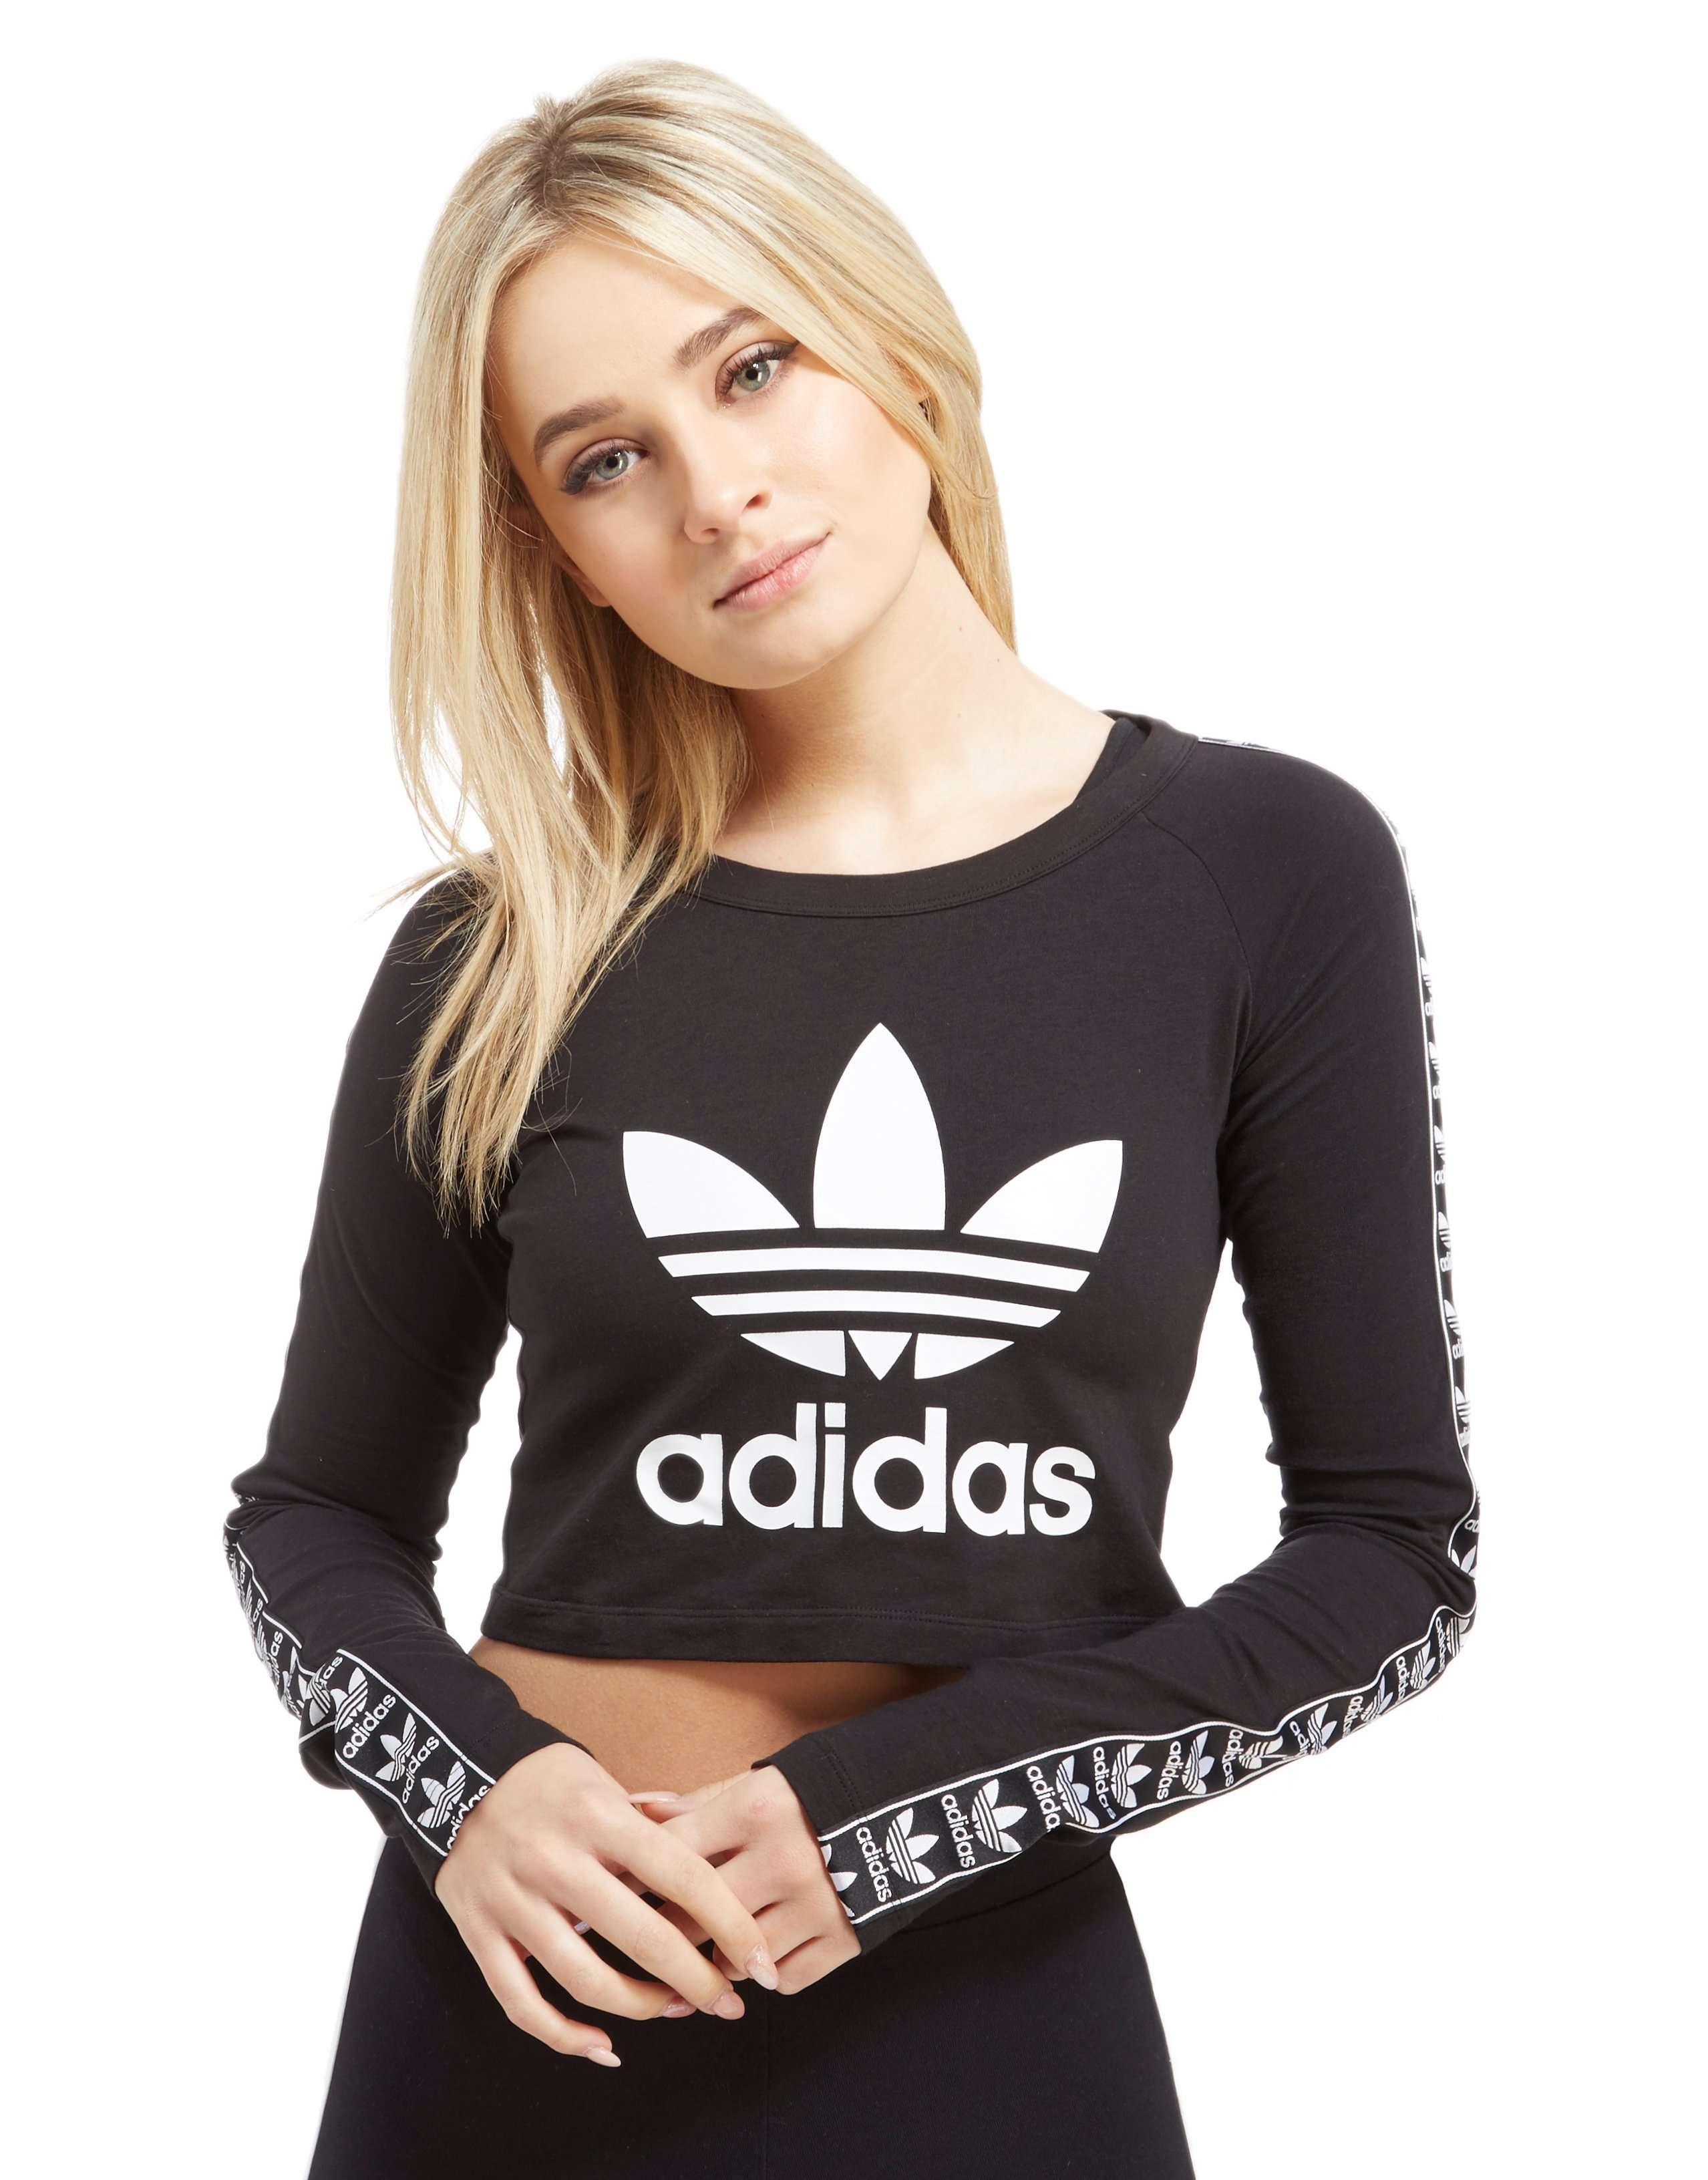 adidas Originals Kurzes Langarmshirt mit Logoband